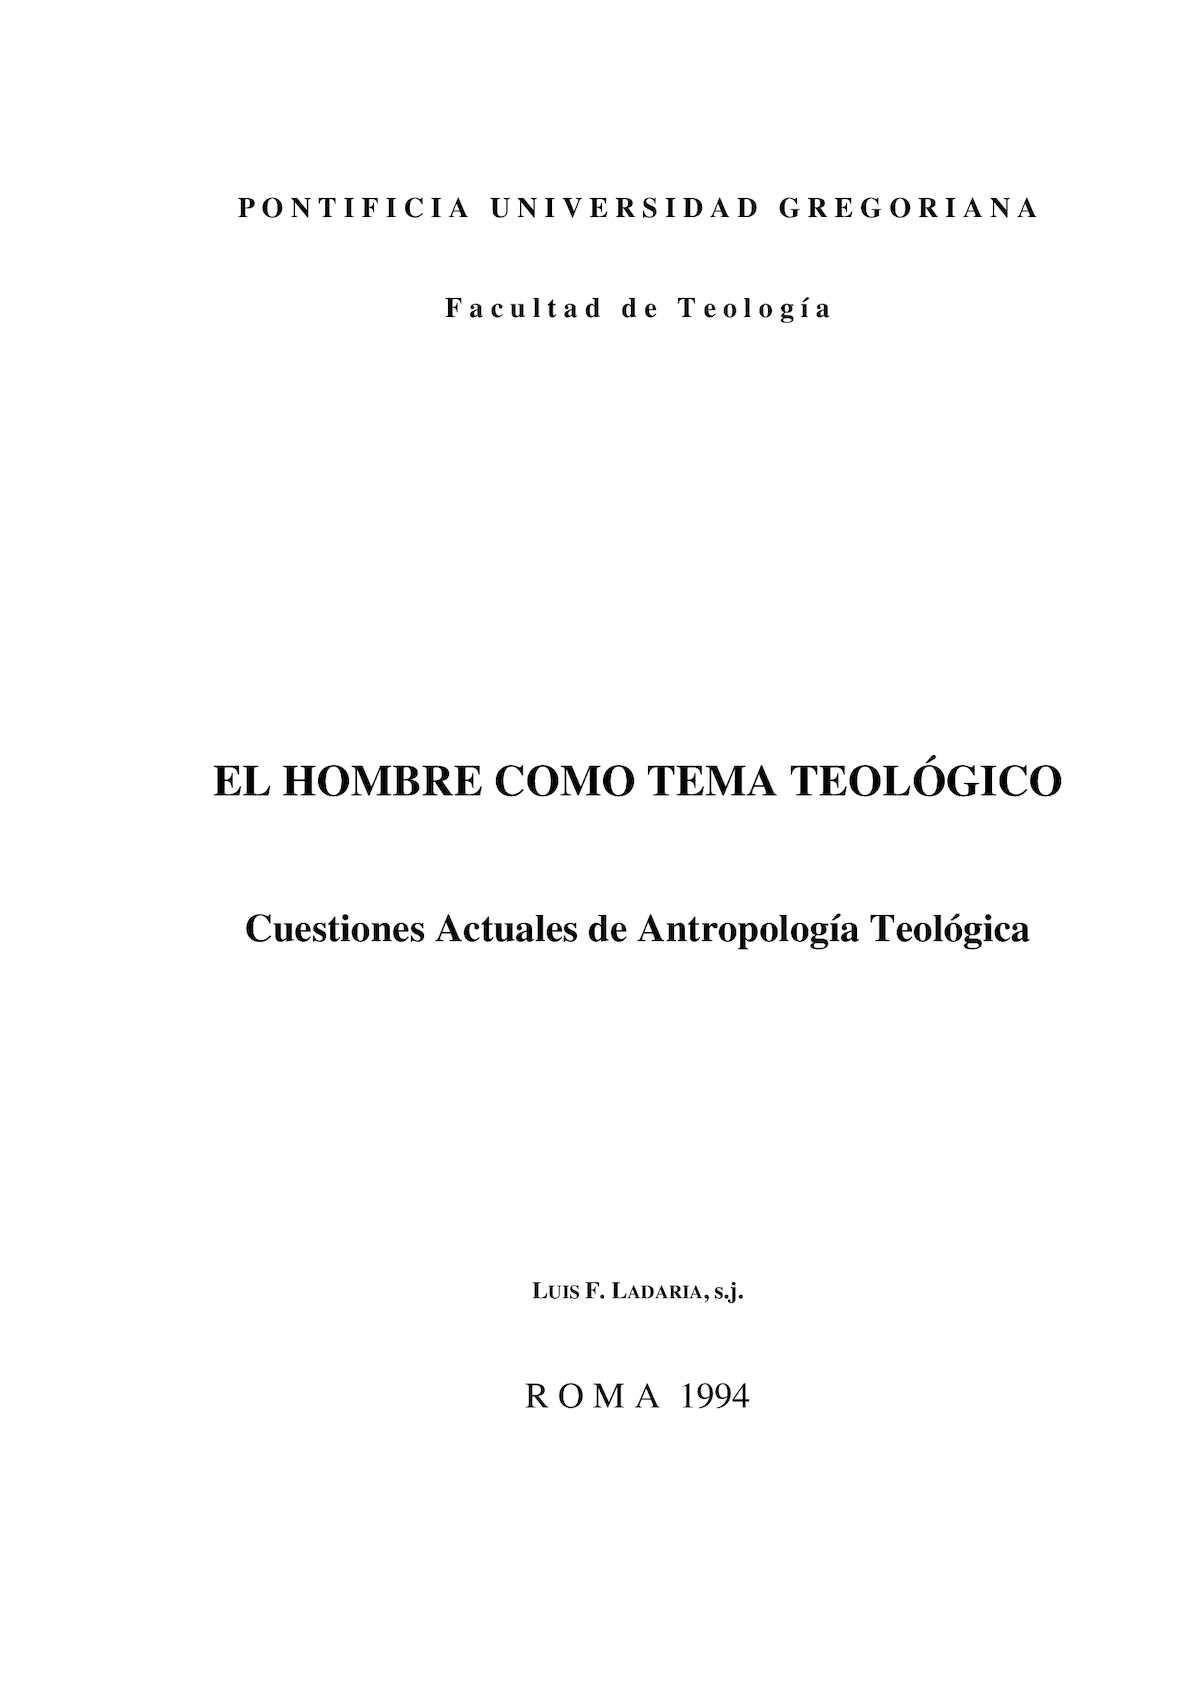 Luis Ladaria_Cuestiones Actualeds de Antropología Teológica